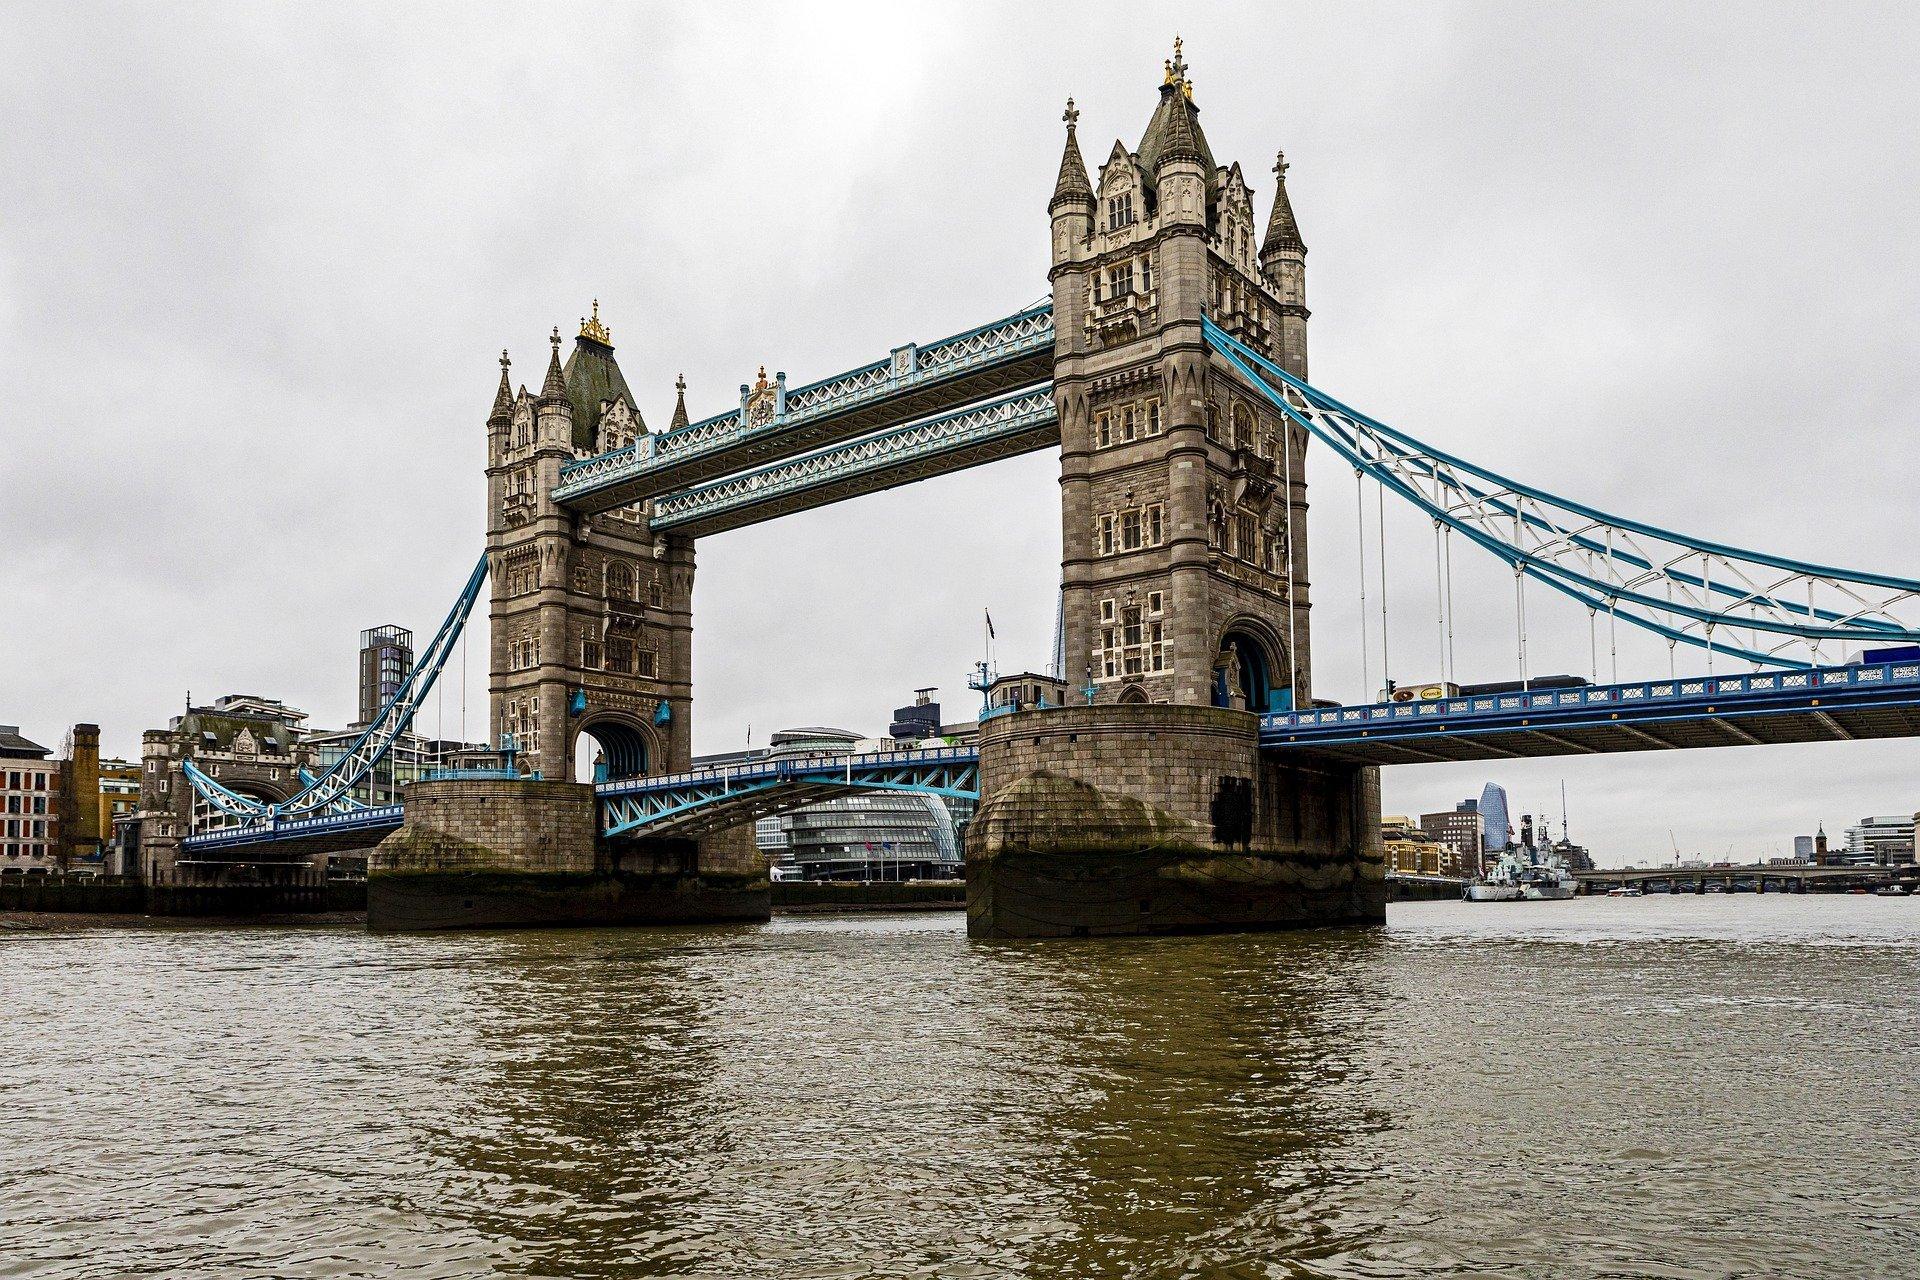 Как живётся в Лондоне на самоизоляции? Честное интервью с сибирячкой.